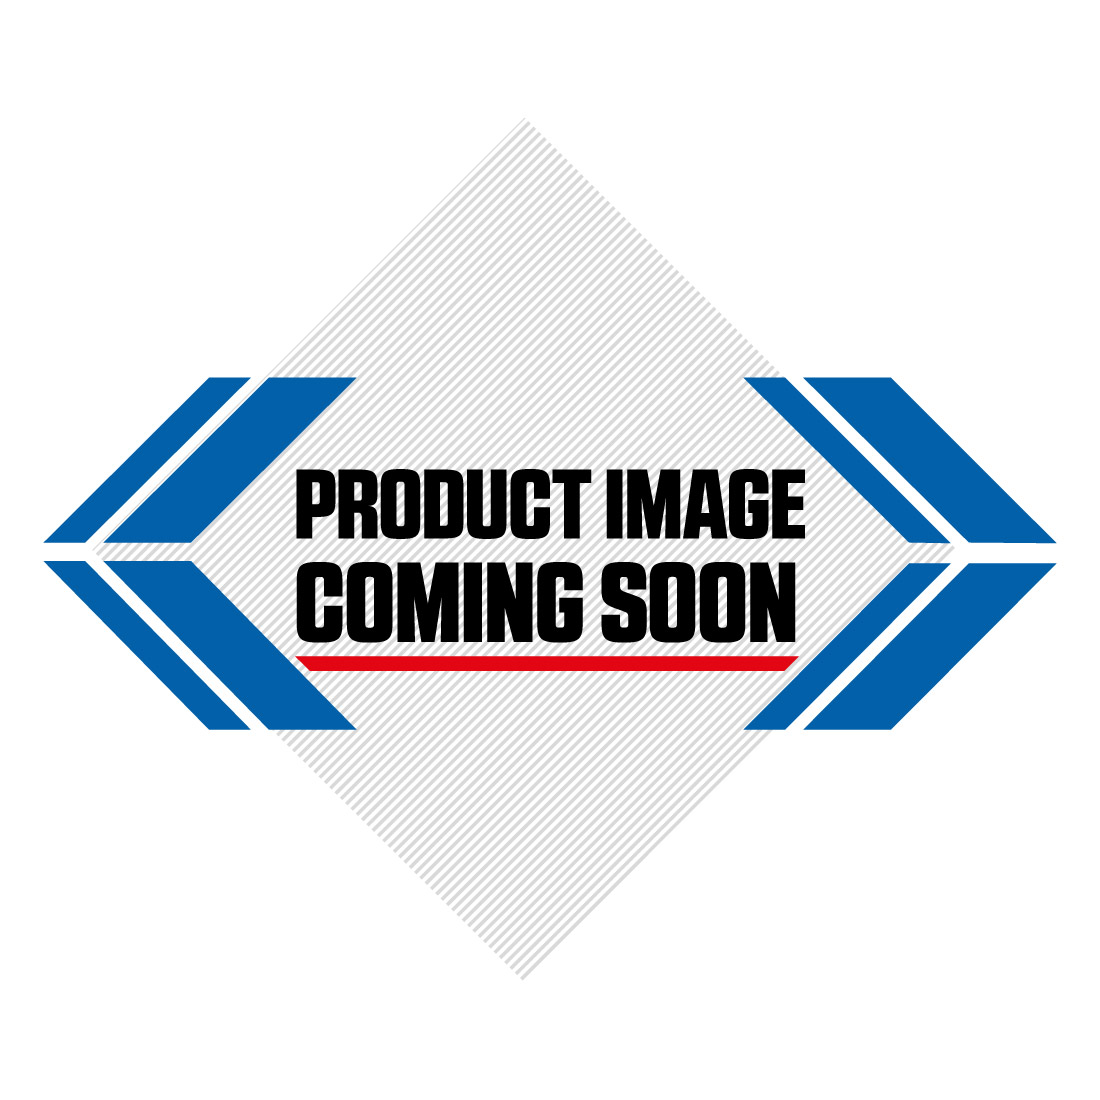 Kawasaki Plastic Kit KX 125 250 (03-04) OEM Factory Image-3